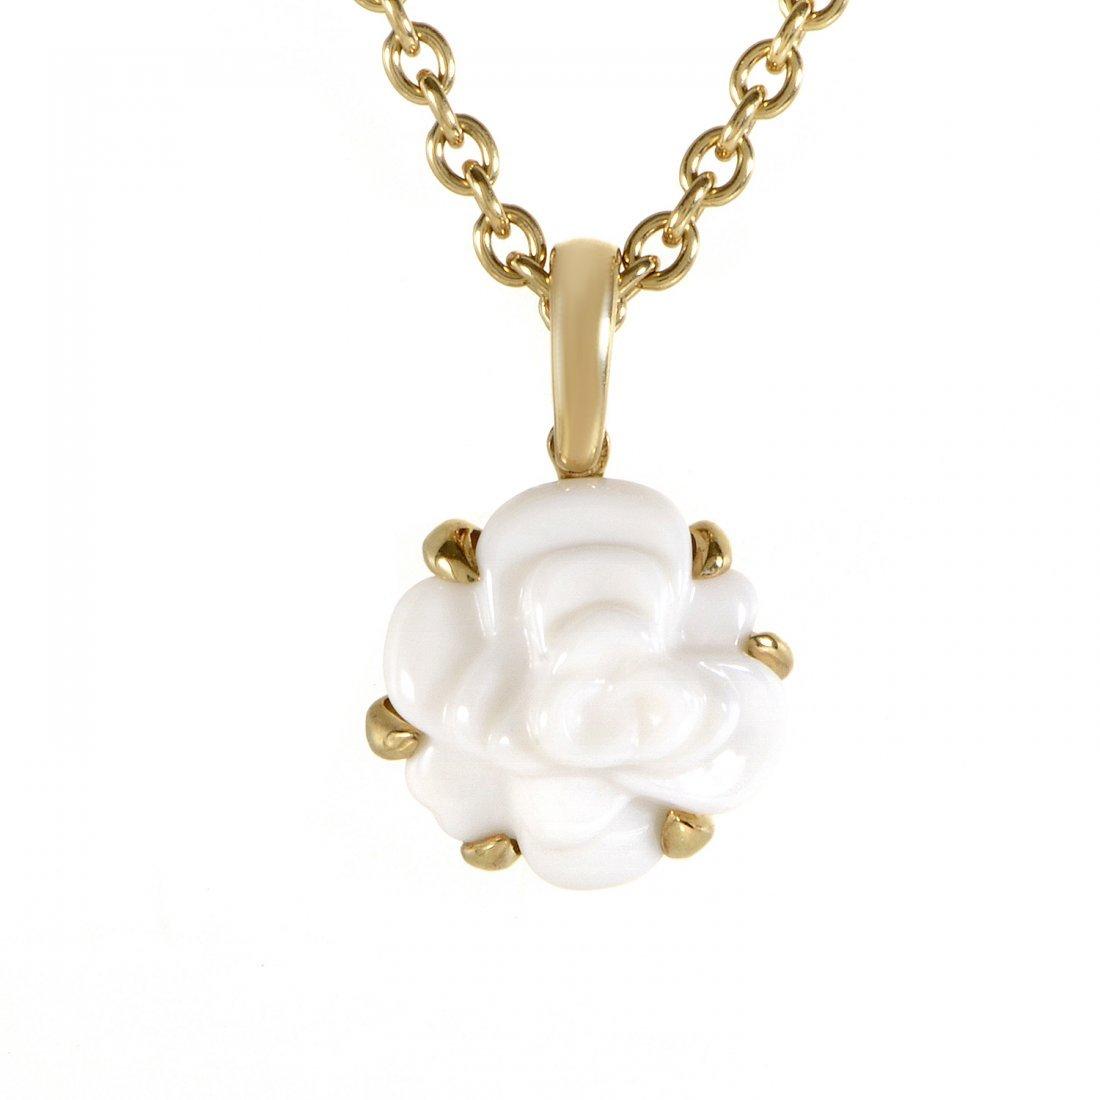 Chanel: Chanel Camélia 18K Yellow Gold White Agate